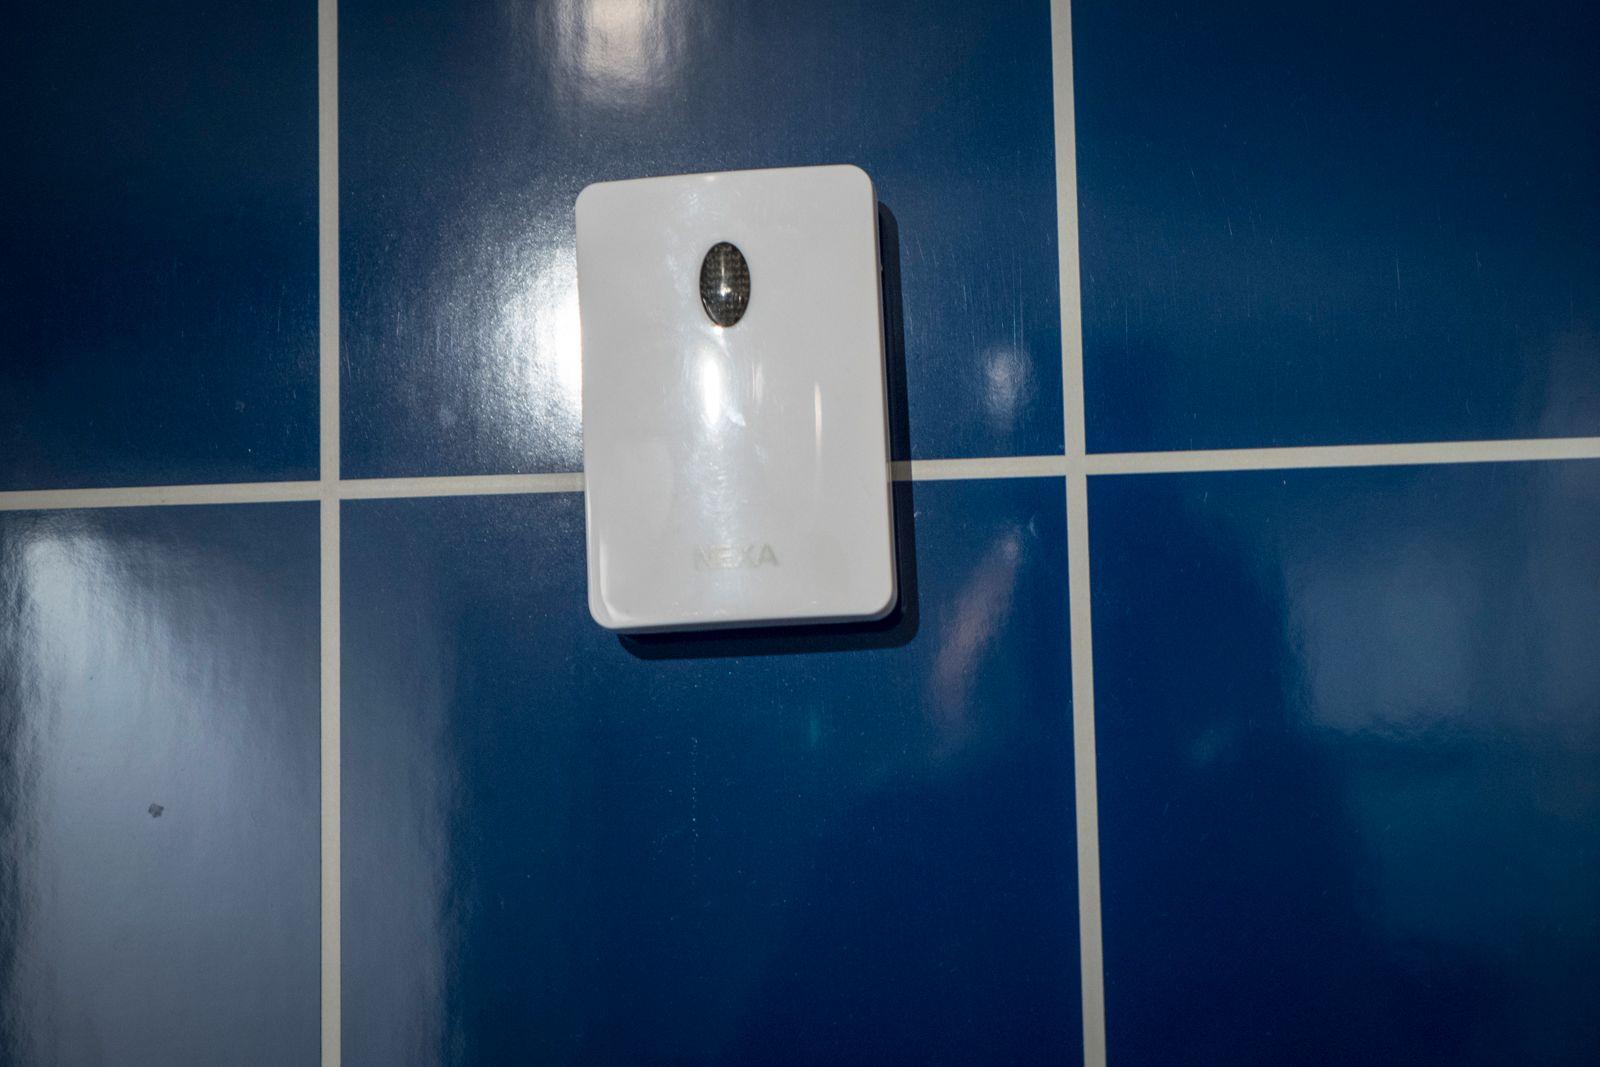 Denne lyssensoren skulle skru på radioen på badet når vi skrudde på taklyset. En god idé i teorien, men det fungerte ikke i praksis.